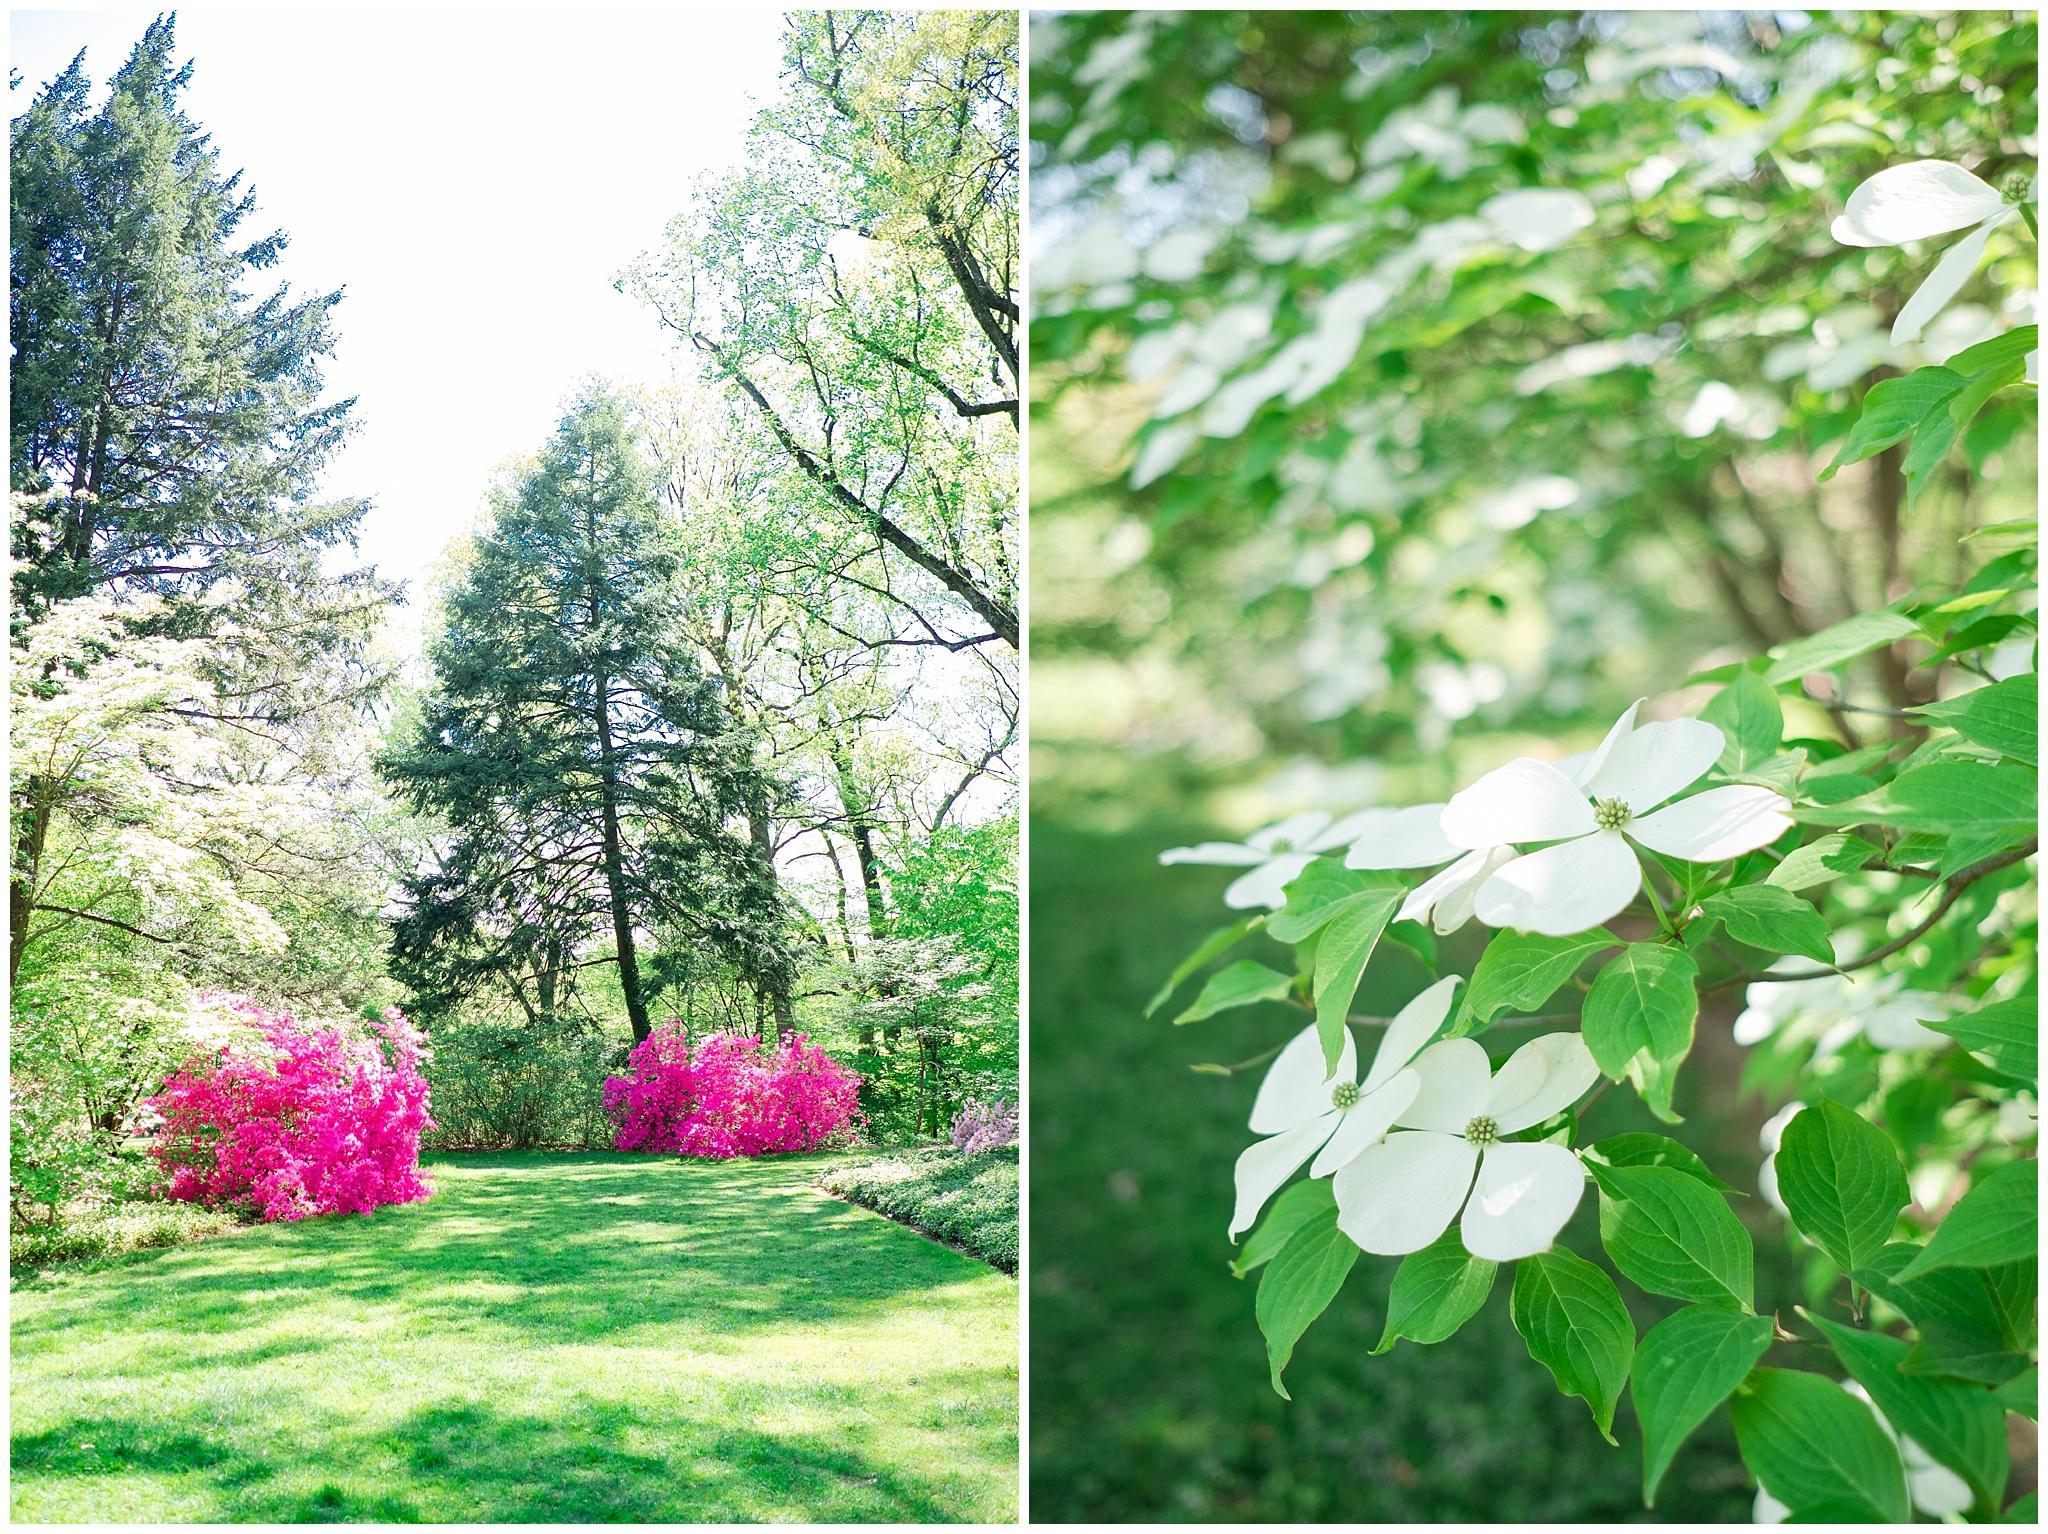 Arboretum_0002.jpg